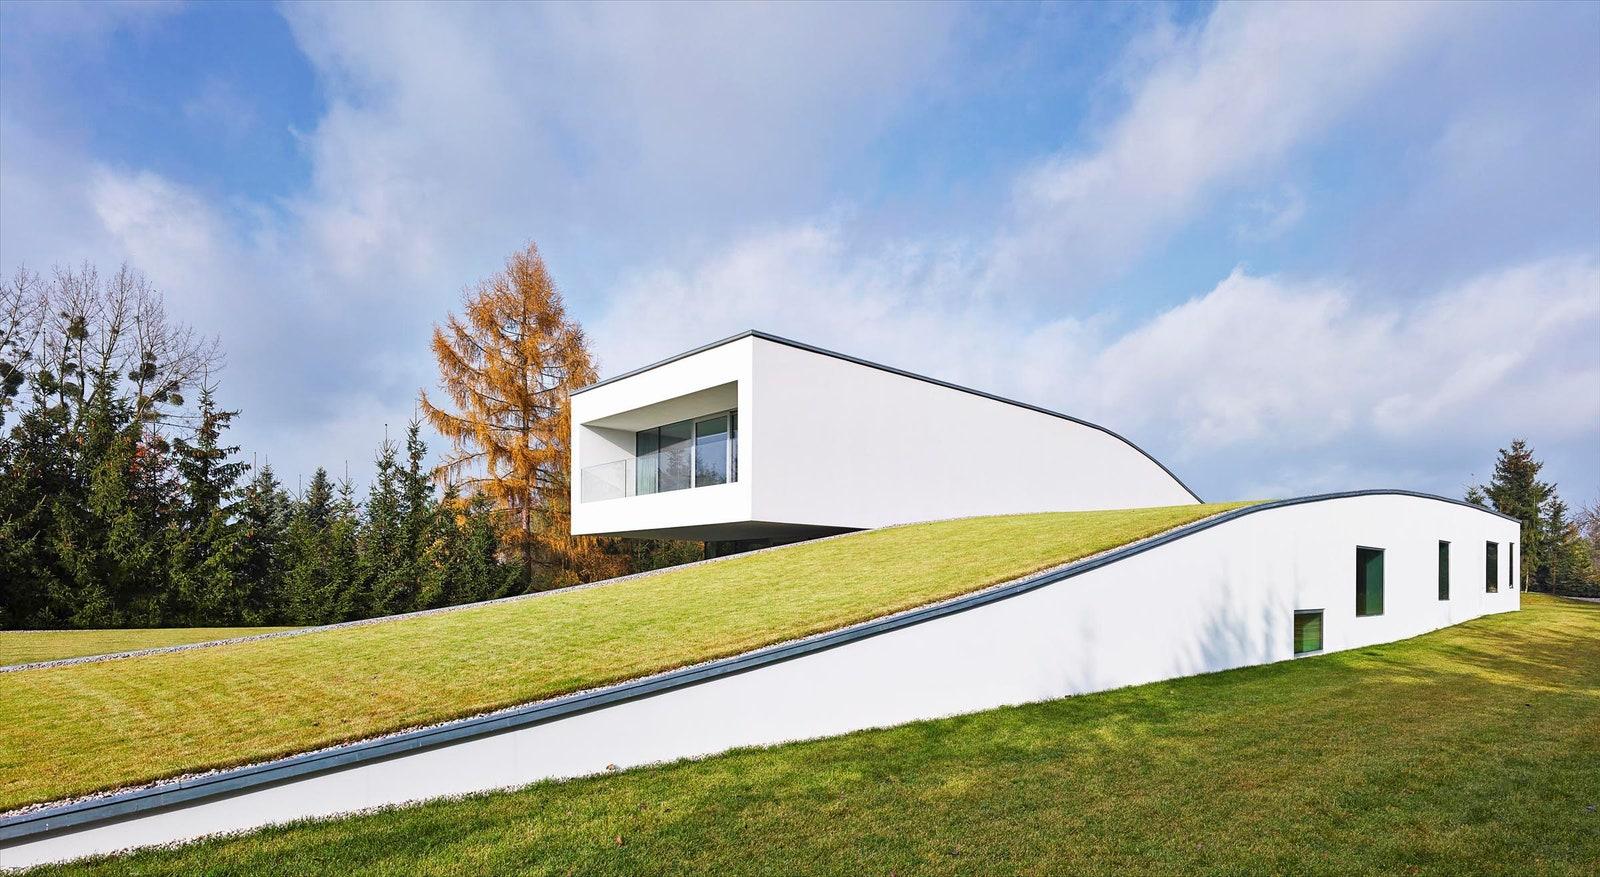 Espectaculares techos verdes alrededor del mundo